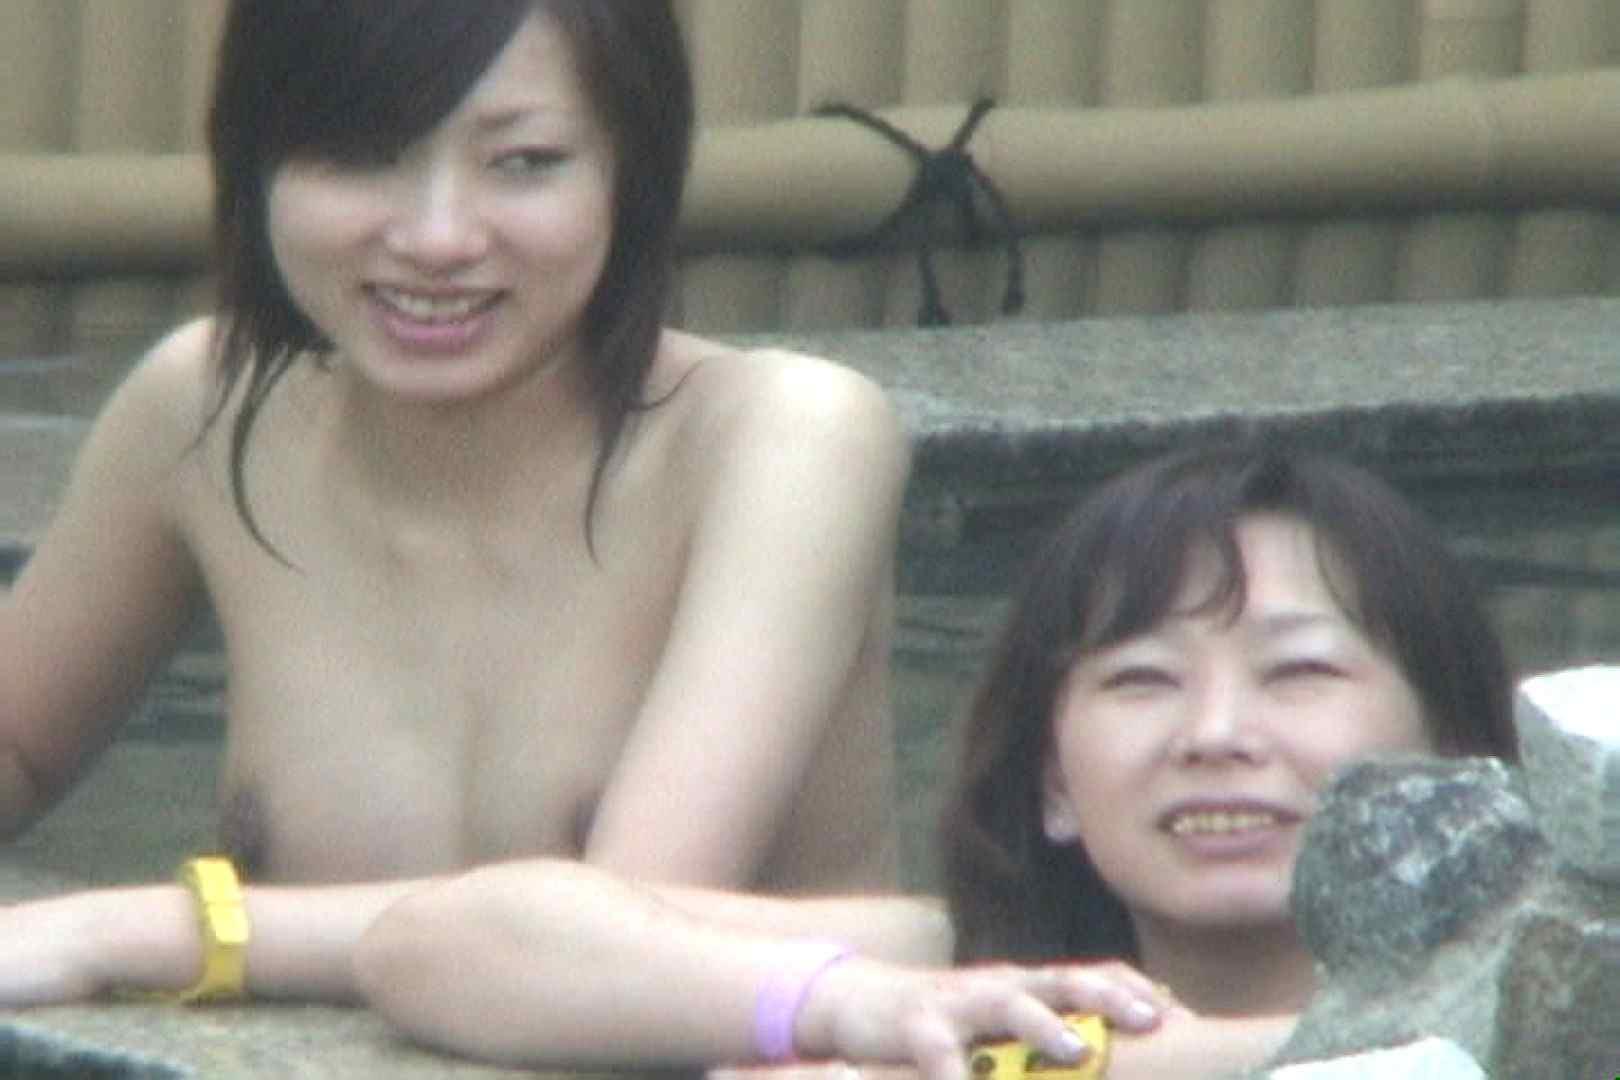 Aquaな露天風呂Vol.58【VIP限定】 美しいOLの裸体 | 盗撮師作品  97pic 82